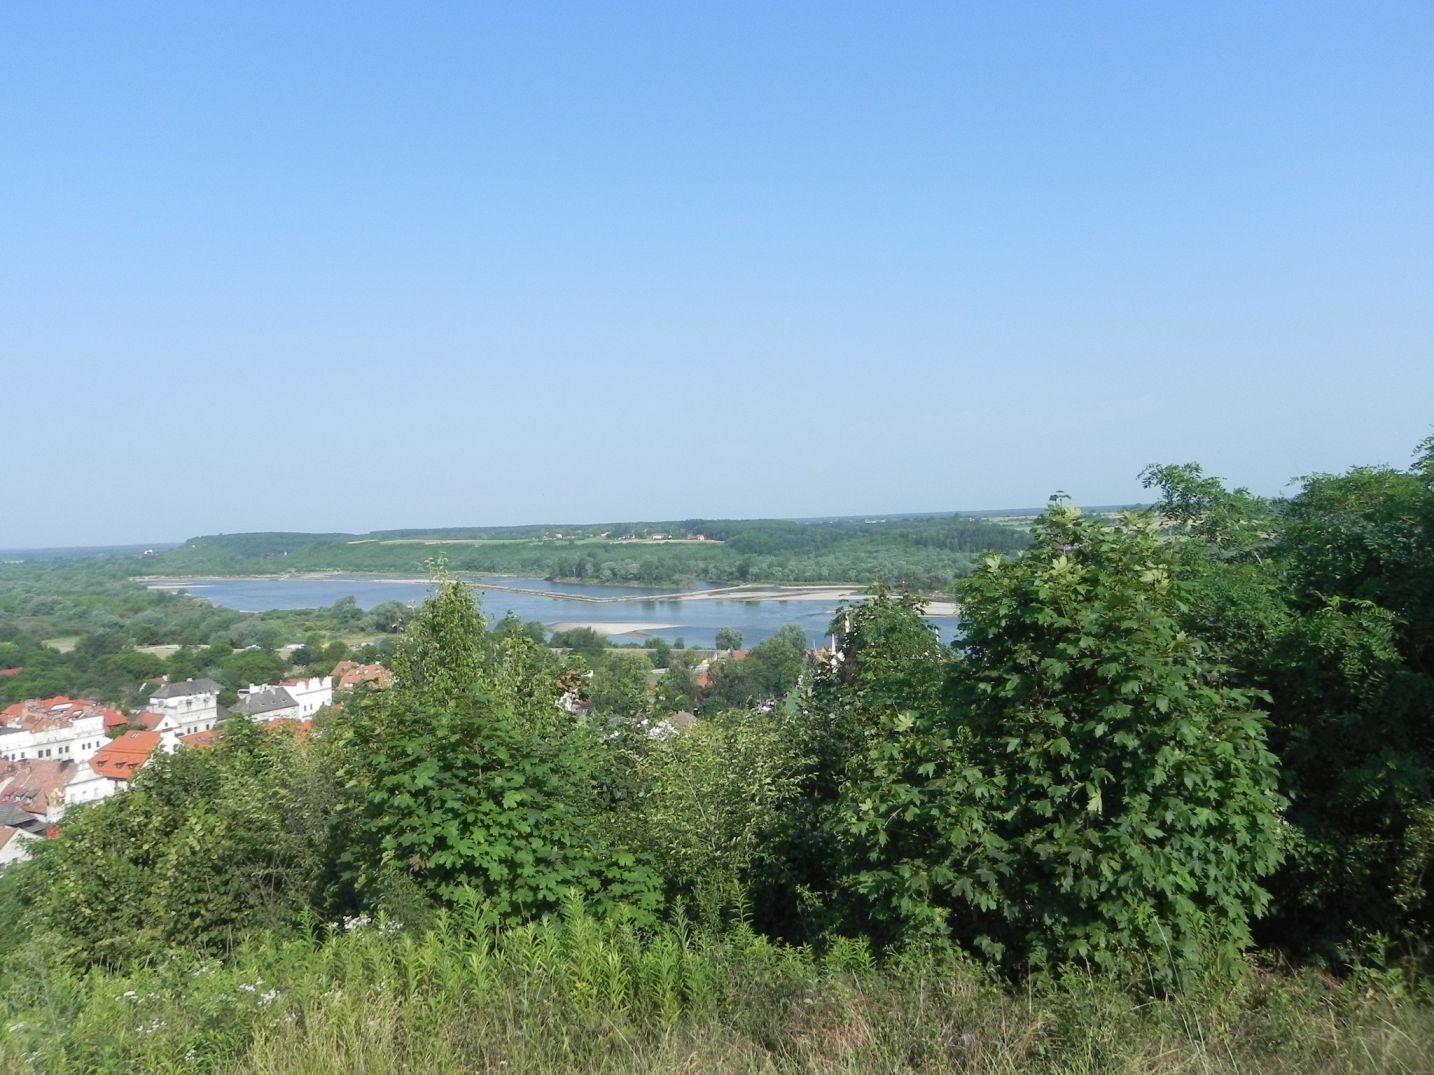 2016-06-26 Kazimierz Dolny - festiwal (44)